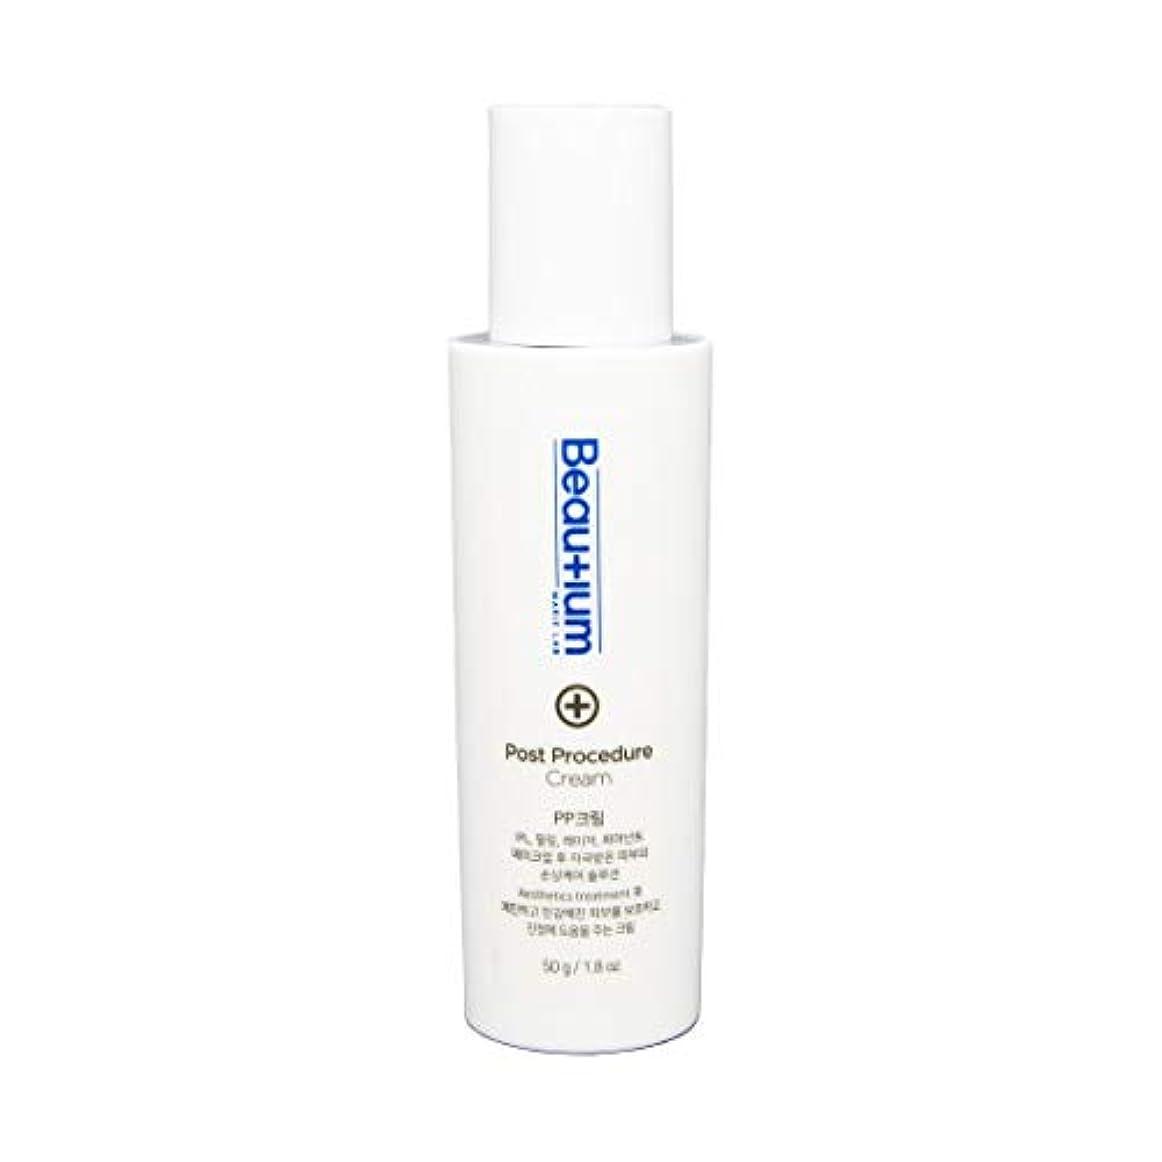 狂う枯れる衝動[Beautium] ポスト手続クリーム50g鋭敏で敏感な肌用水分栄養の供給で早く鎮静 ??? ??? ????? ??